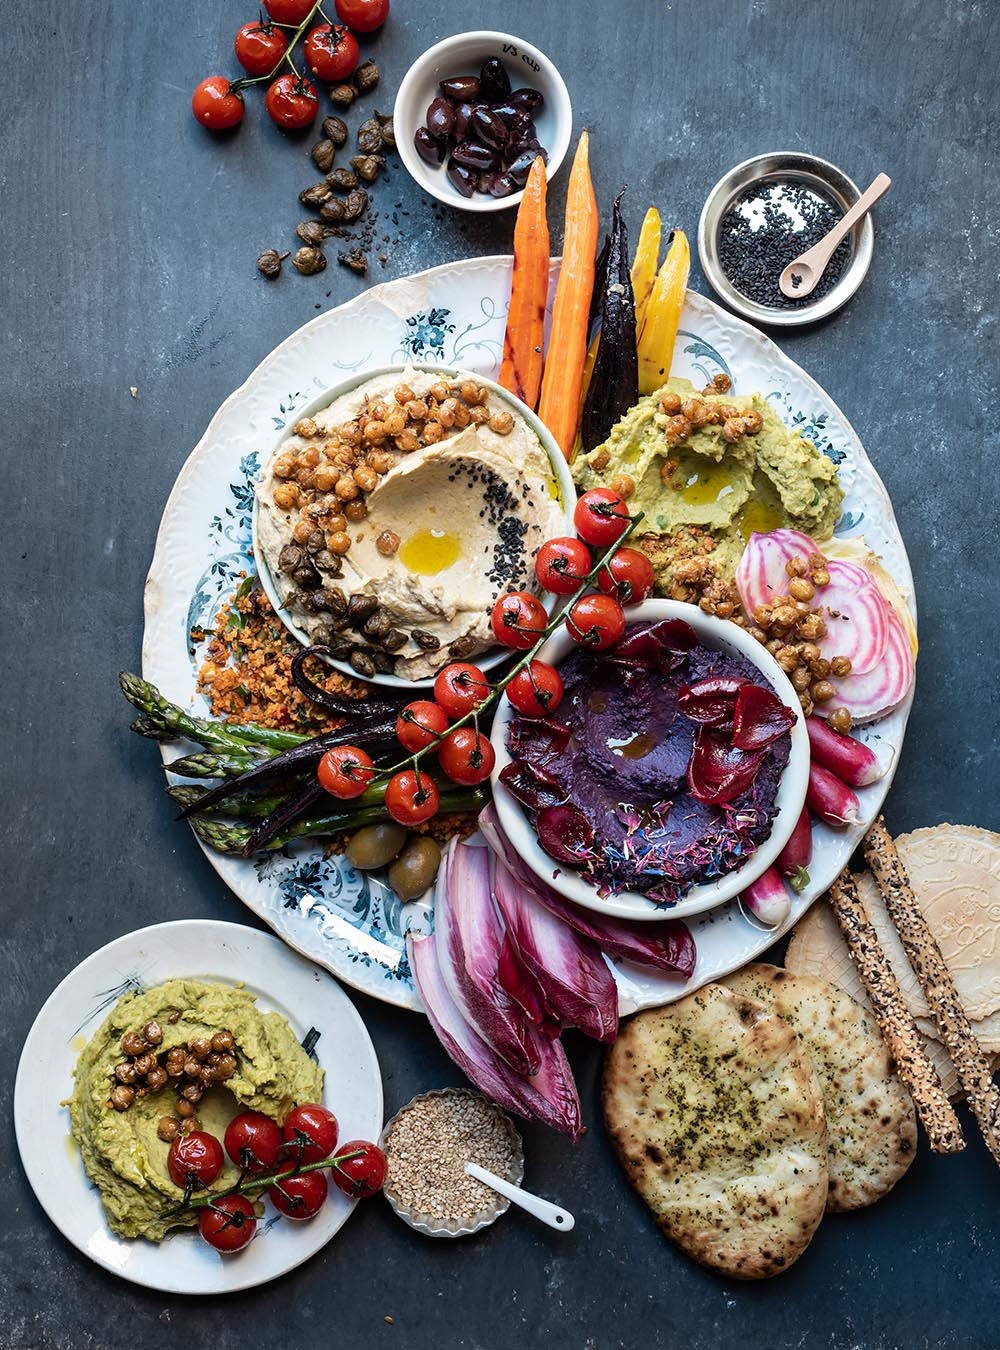 Hummus Platte mit 3 Sorten Hummus und vielen Extras - Loaded Hummus Platter - s-Küche